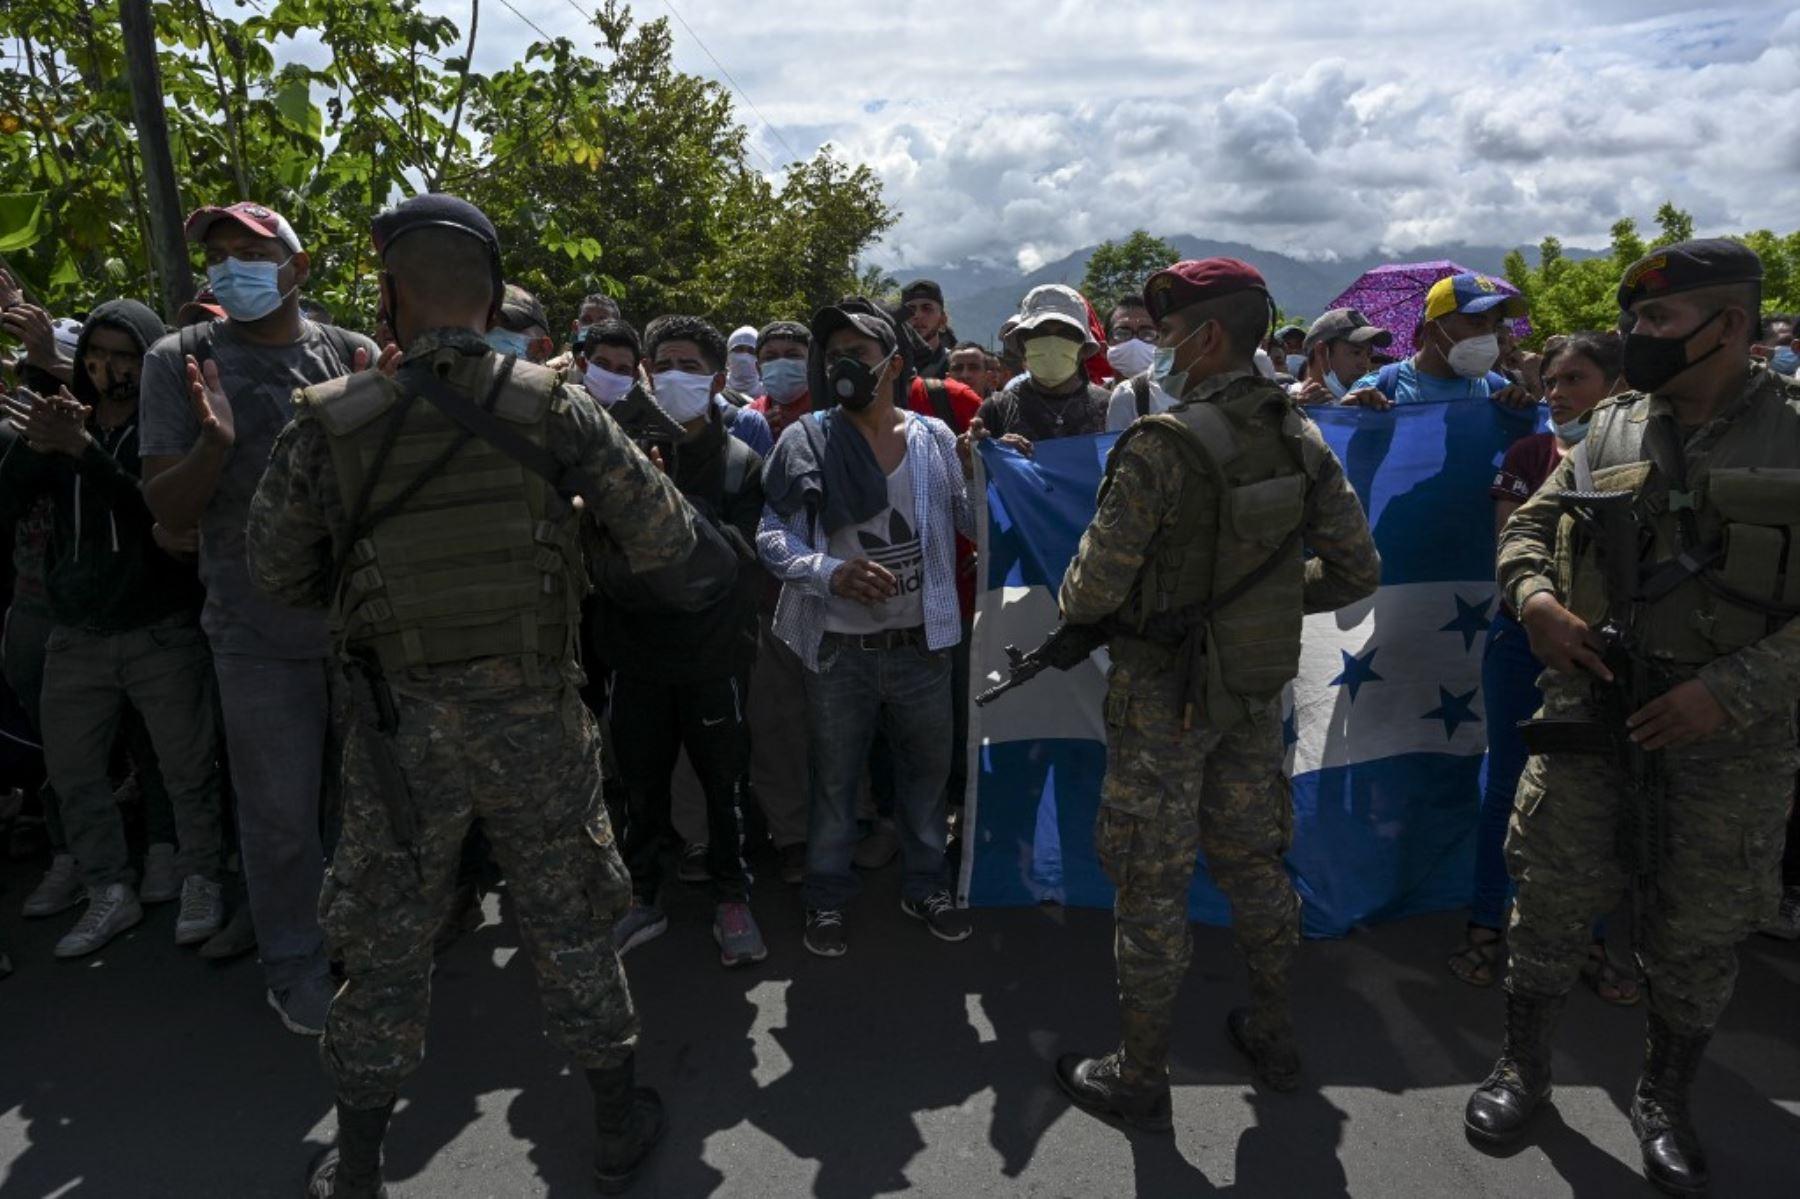 Miembros del Ejército de Guatemala detienen a un grupo de migrantes hondureños que portaban una bandera hondureña en Entre Ríos, Guatemala, después de que cruzaron la frontera de Honduras en su camino a los EE. UU. Foto: AFP